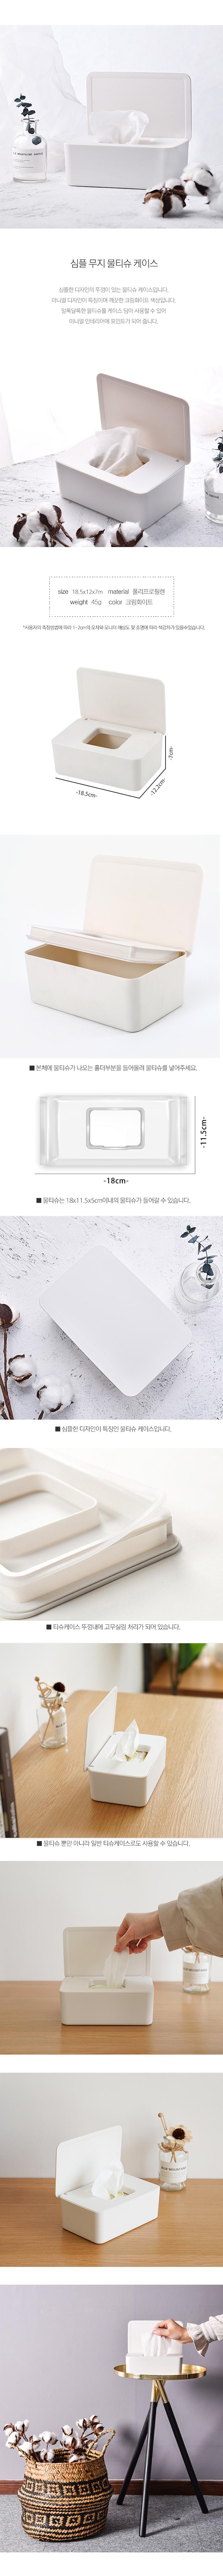 심플 화이트 물티슈 케이스 - 이비자, 14,000원, 정리/리빙박스, 소품정리함